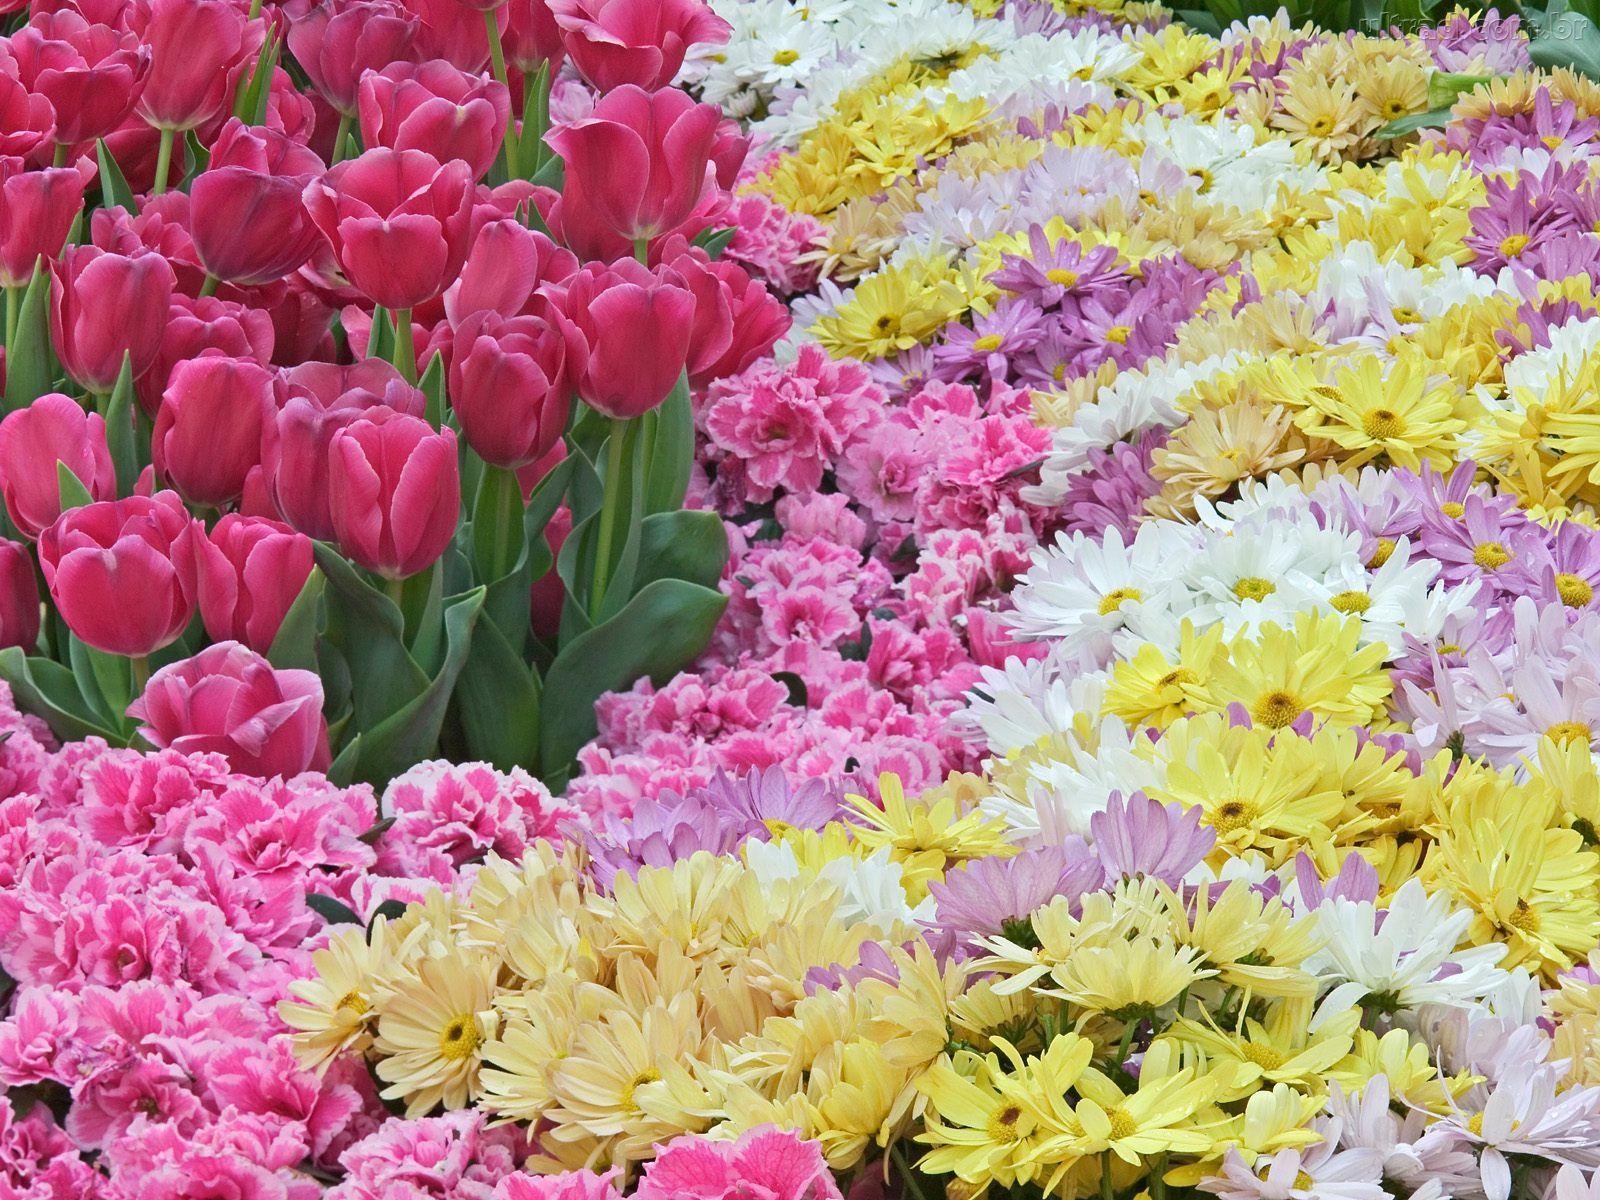 fotos e nomes de plantas 020 YouTube - fotos de flores e seus nomes